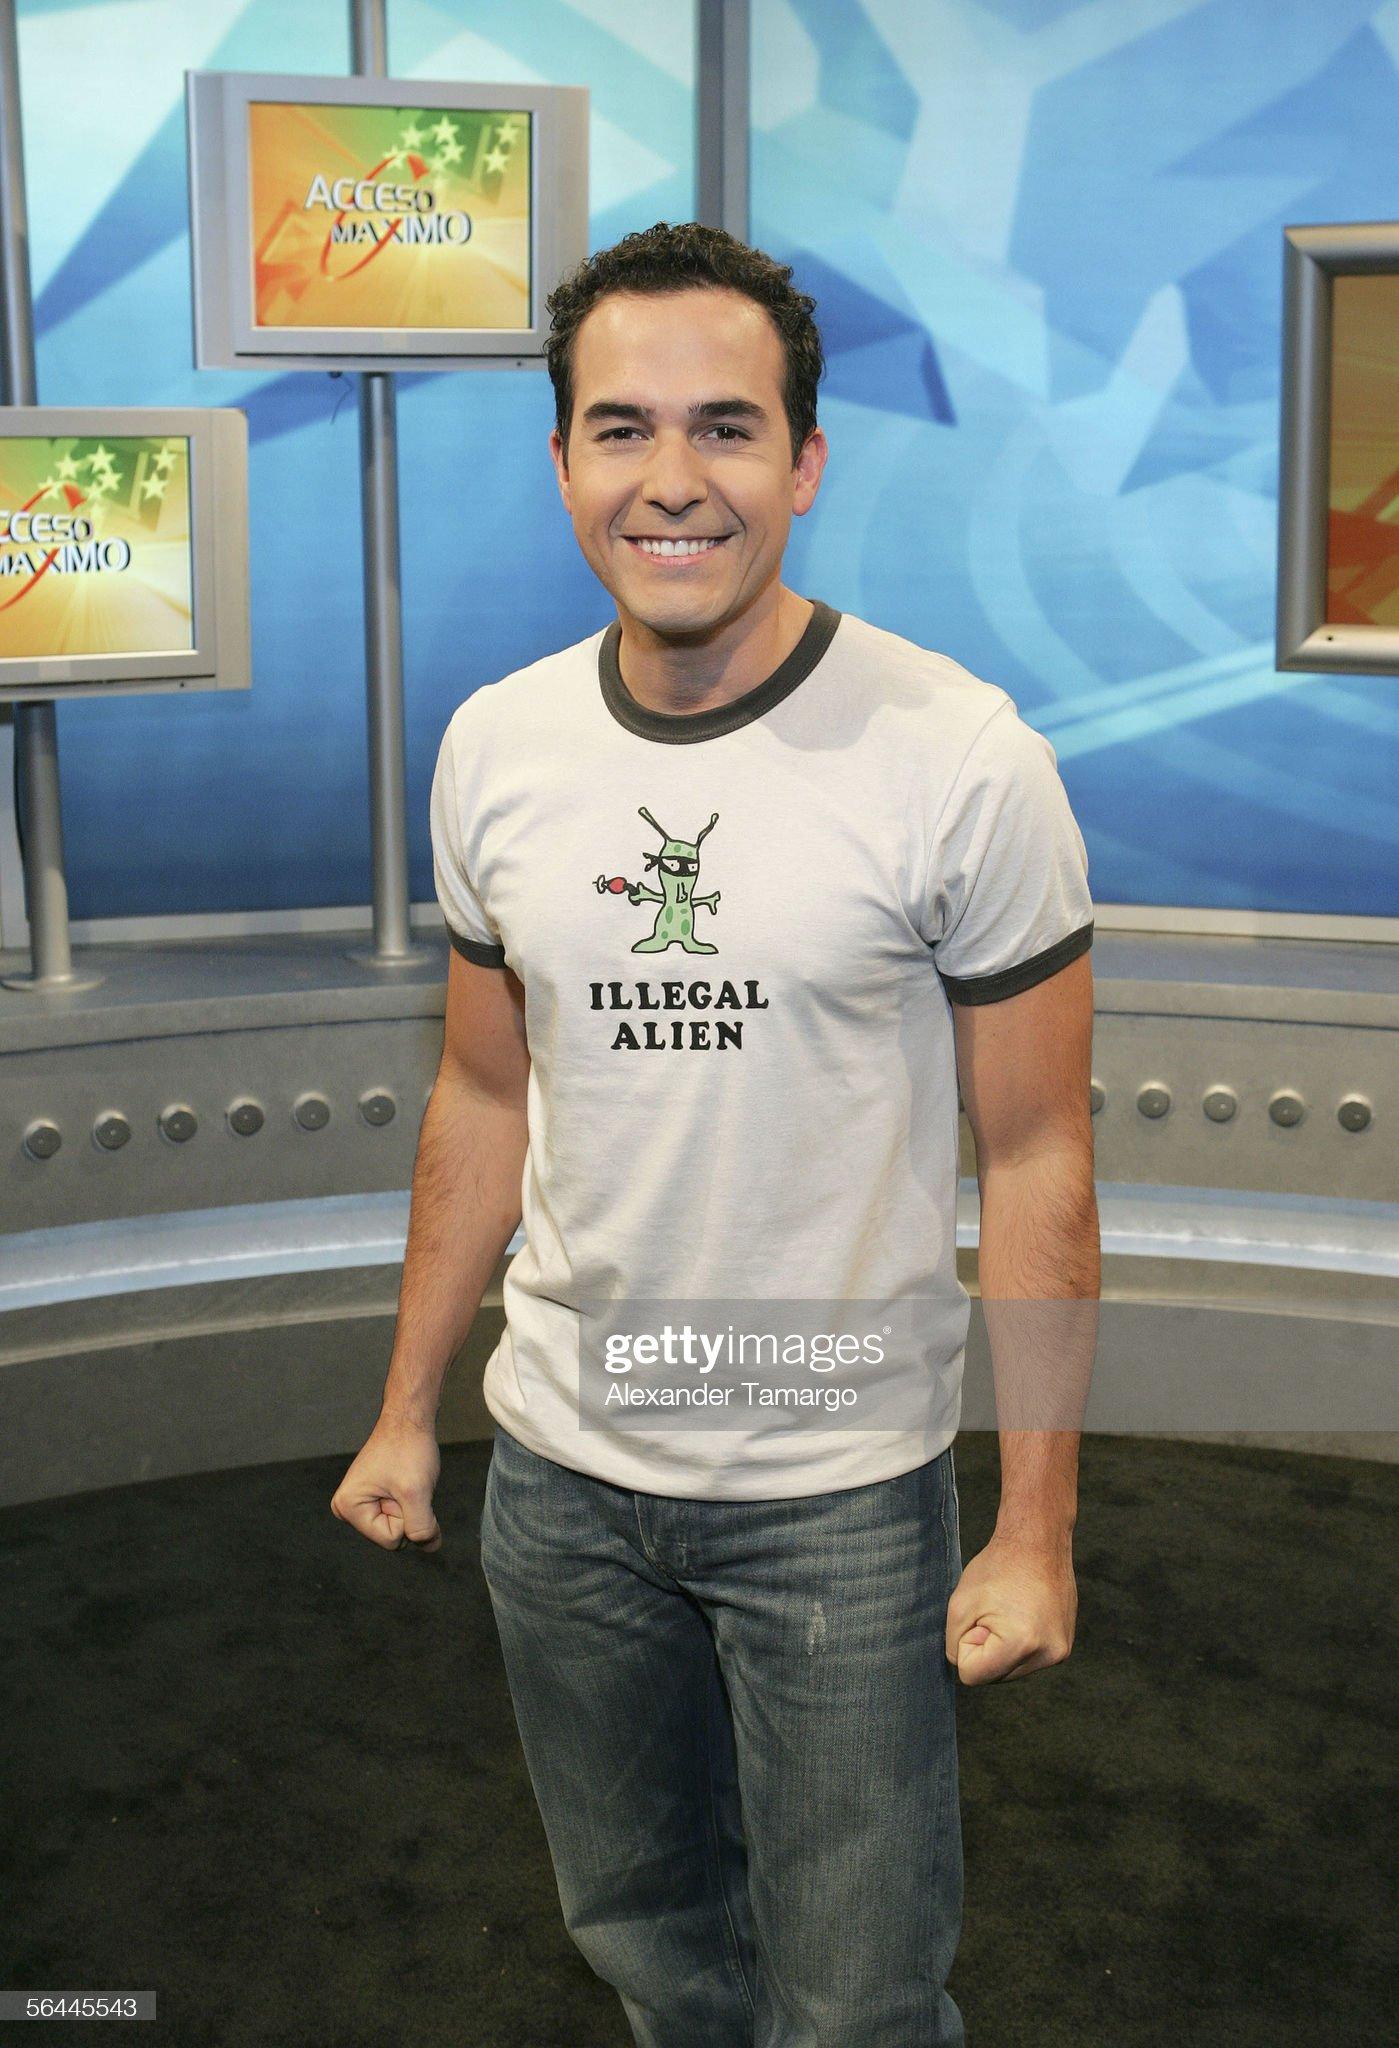 ¿Cuánto mide Carlos Calderón? (presentador TV host) - Altura Acceso-maximo-host-carlos-calderon-poses-on-the-set-at-univision-on-picture-id56445543?s=2048x2048